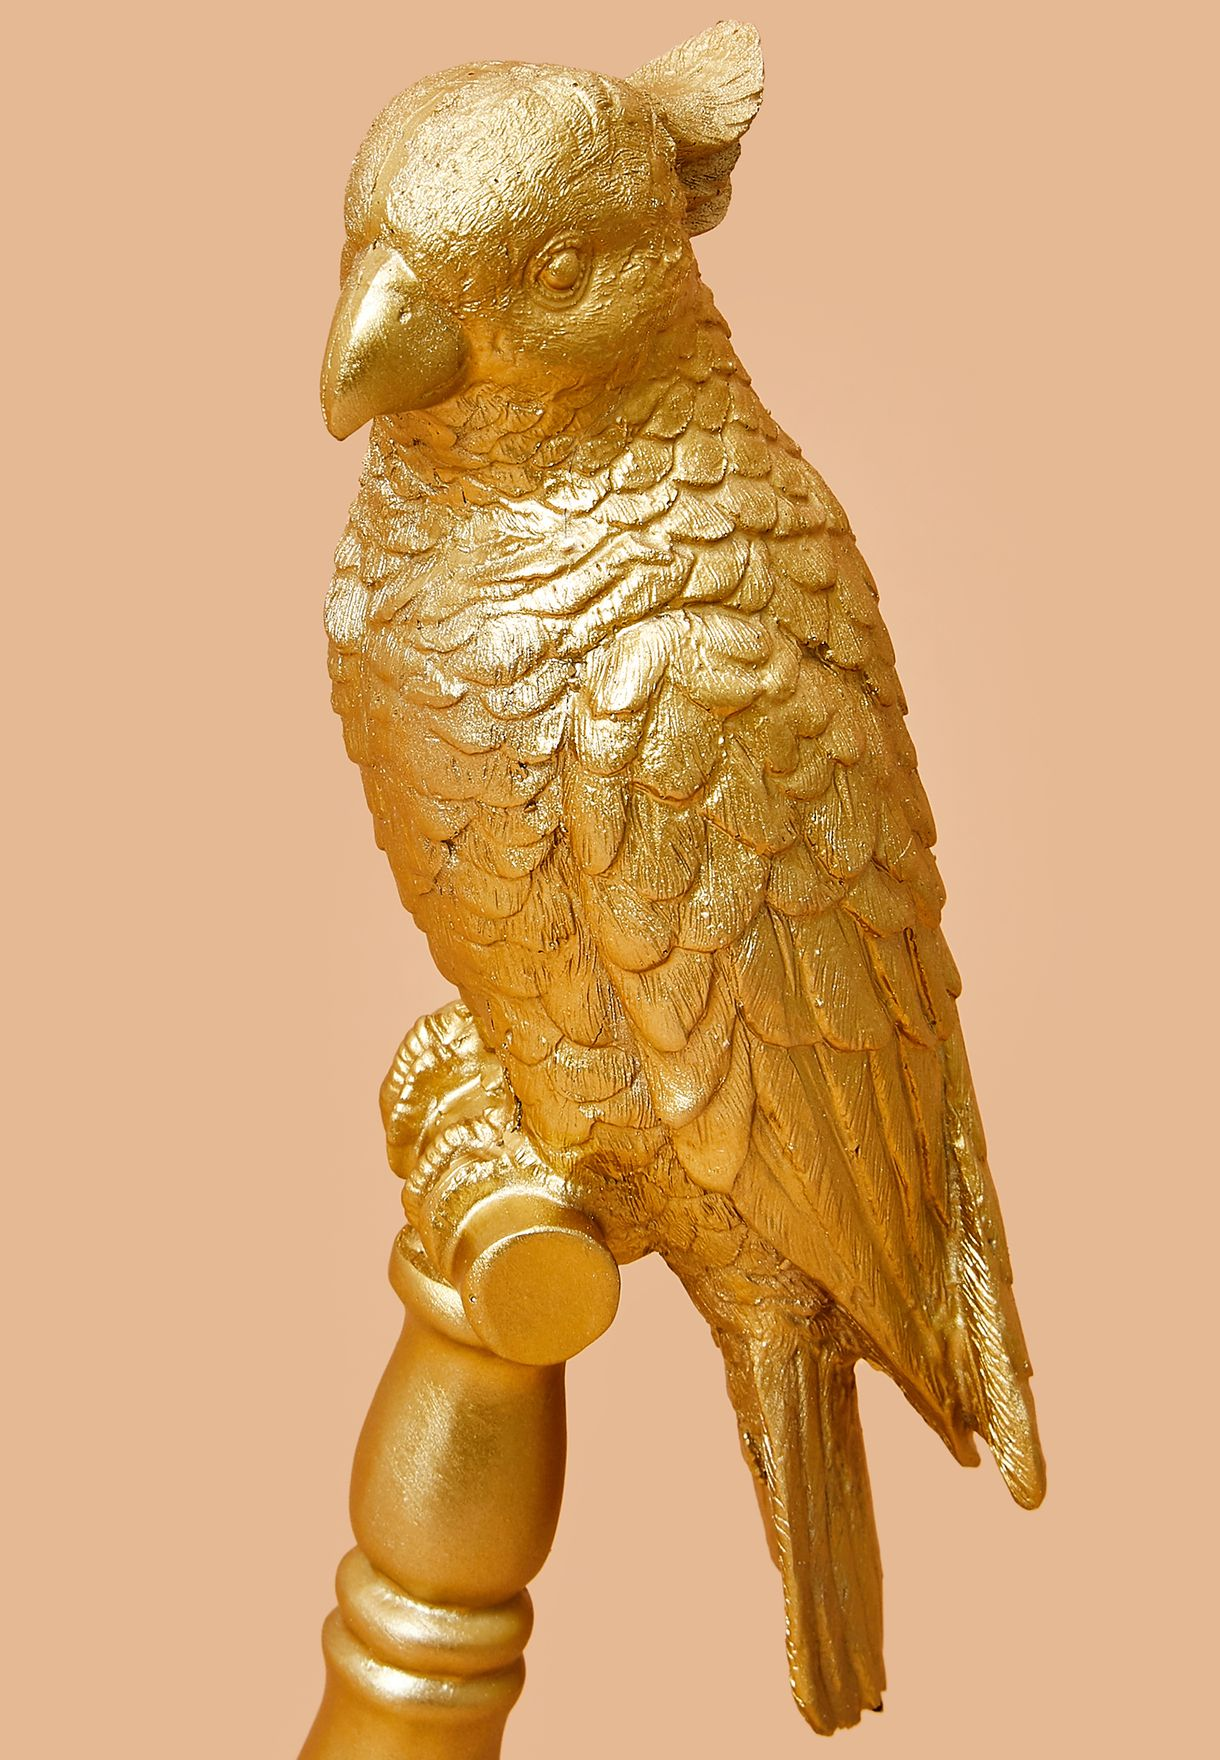 تمثال ذهبي لطائرالببغاء